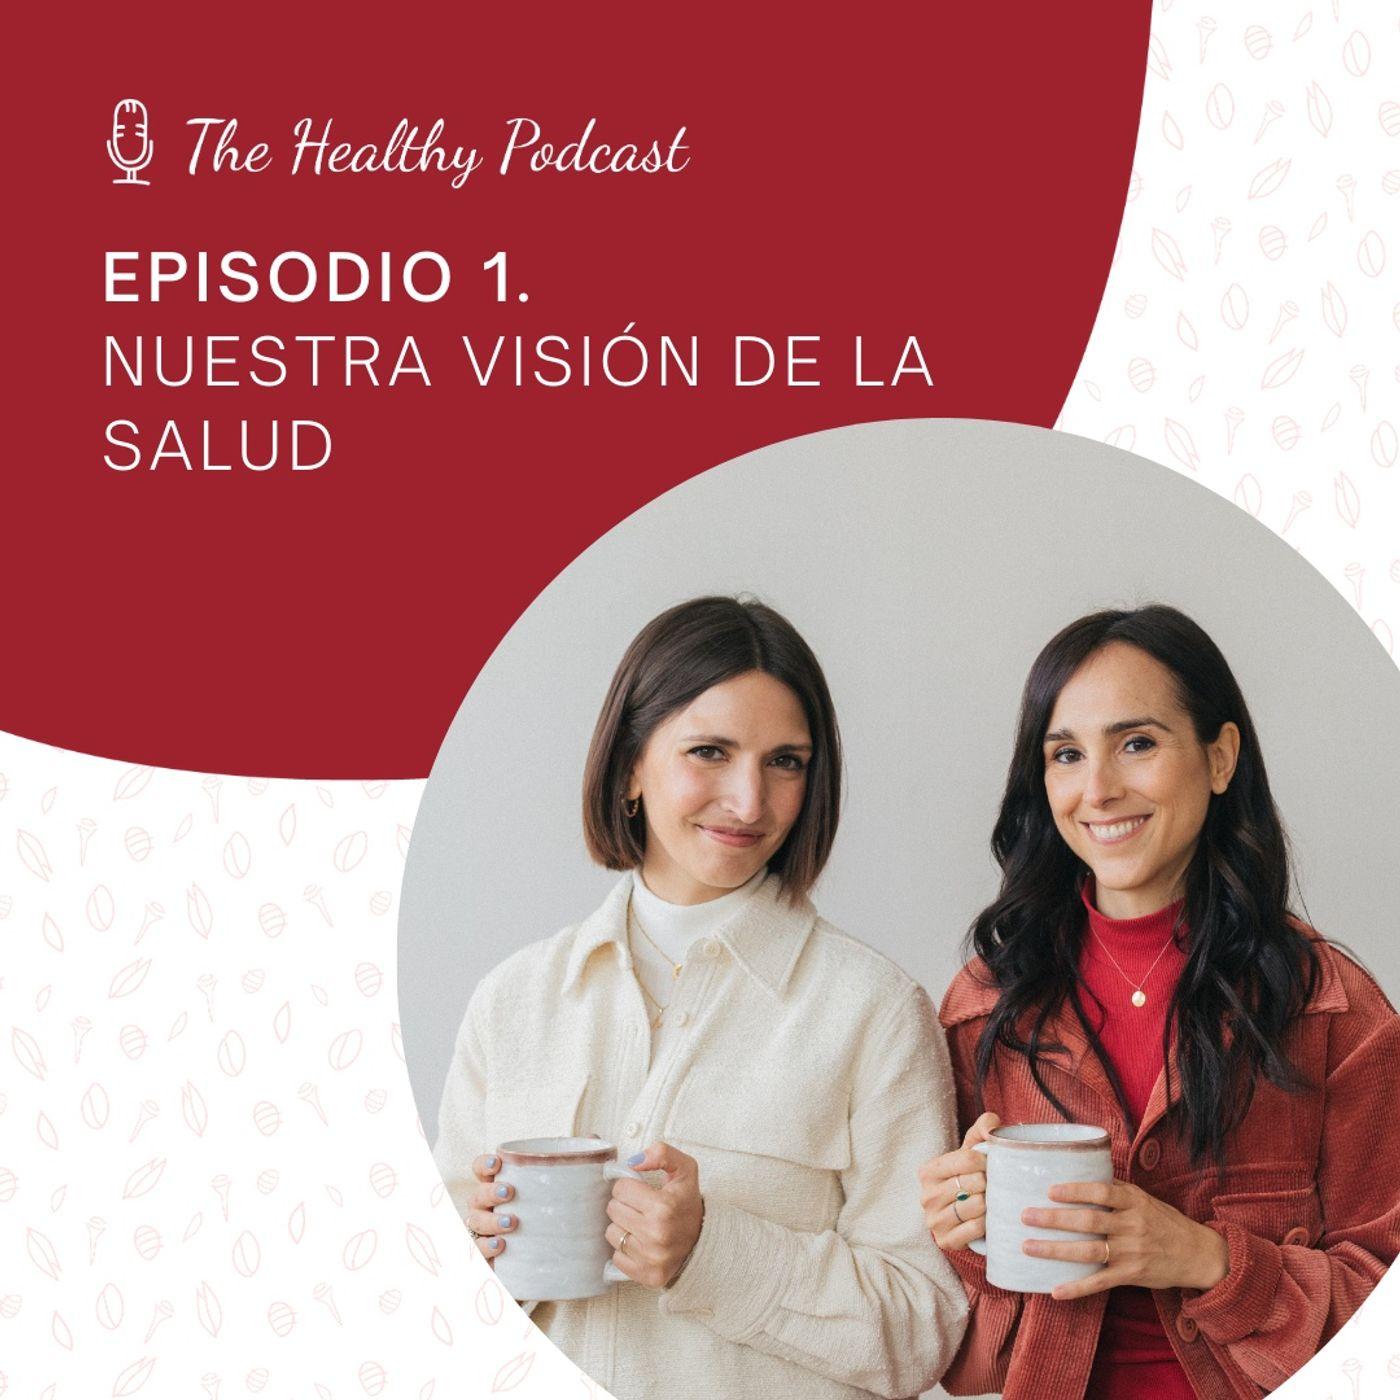 Episodio 1. Nuestra visión de la salud